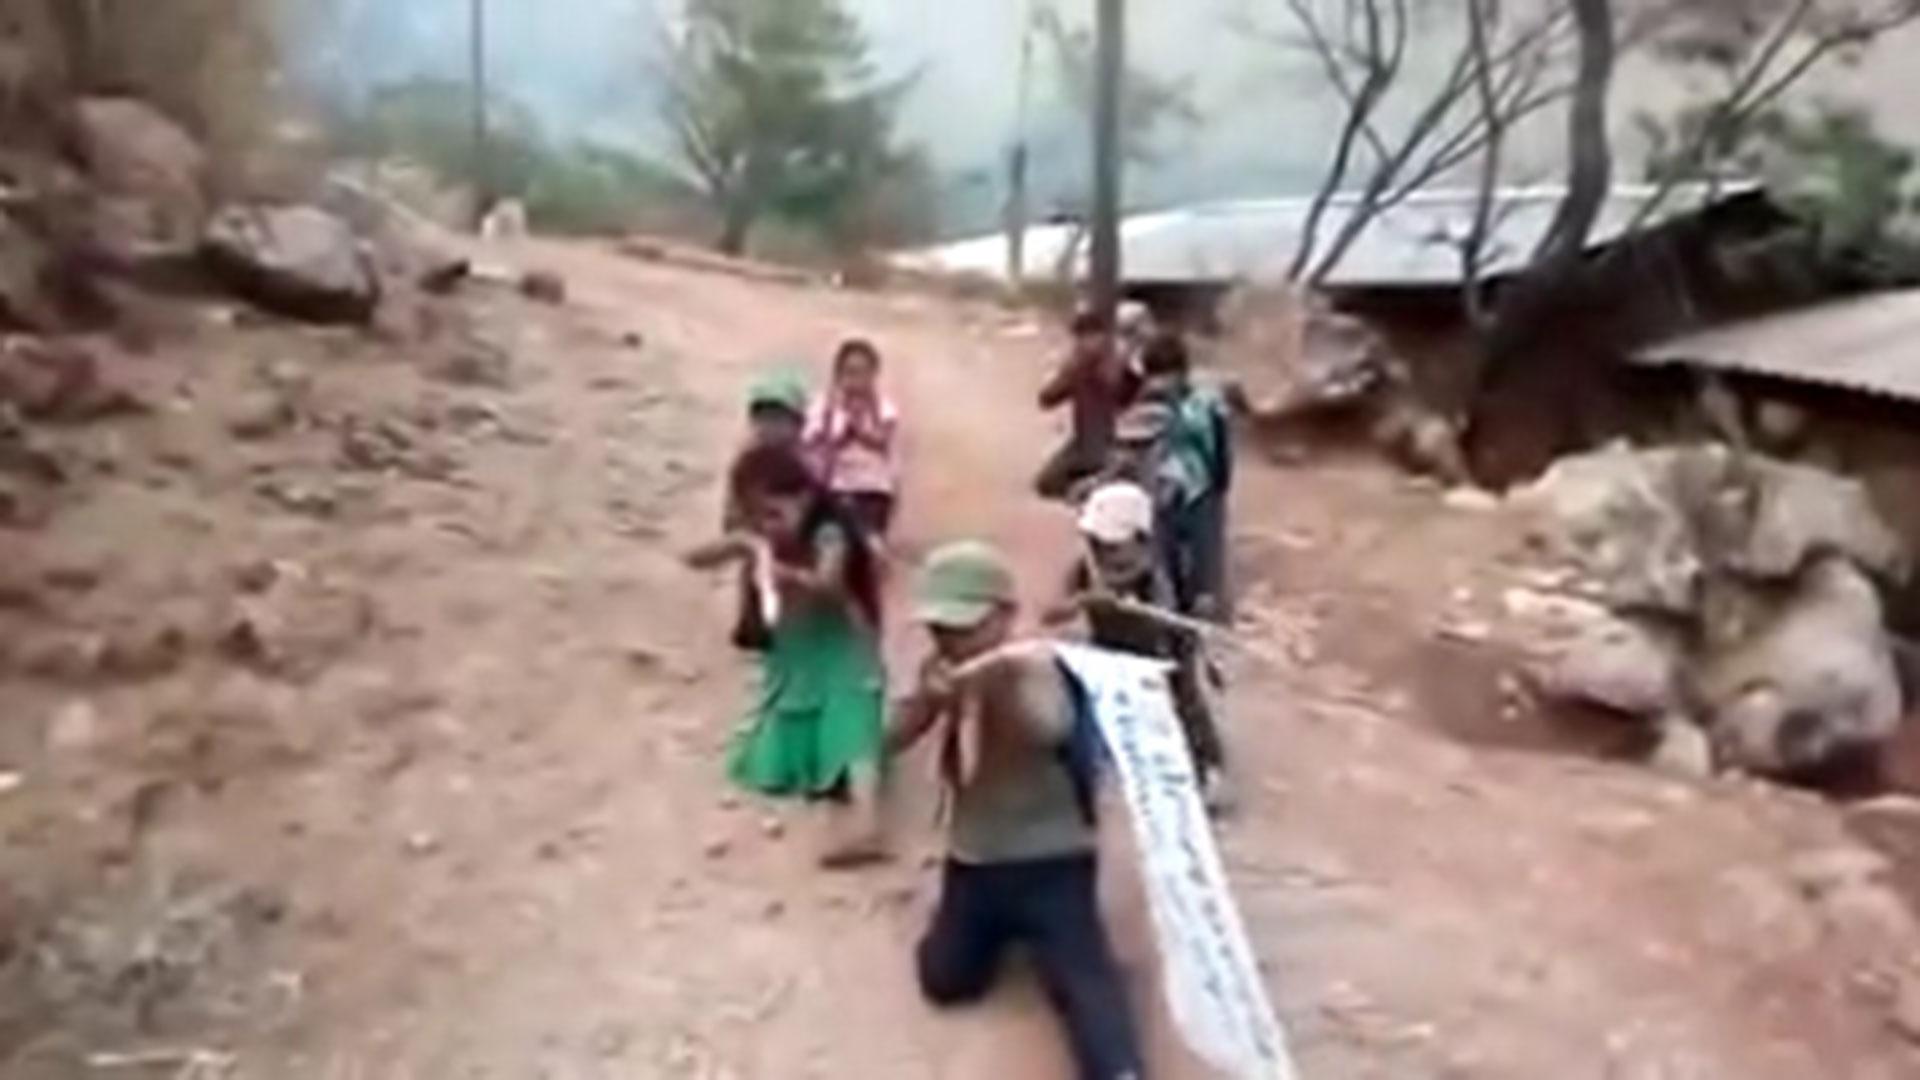 Los niños del poblado Rincón de Chautla prometieron darle lucha a los sicarios (Foto: Especial)